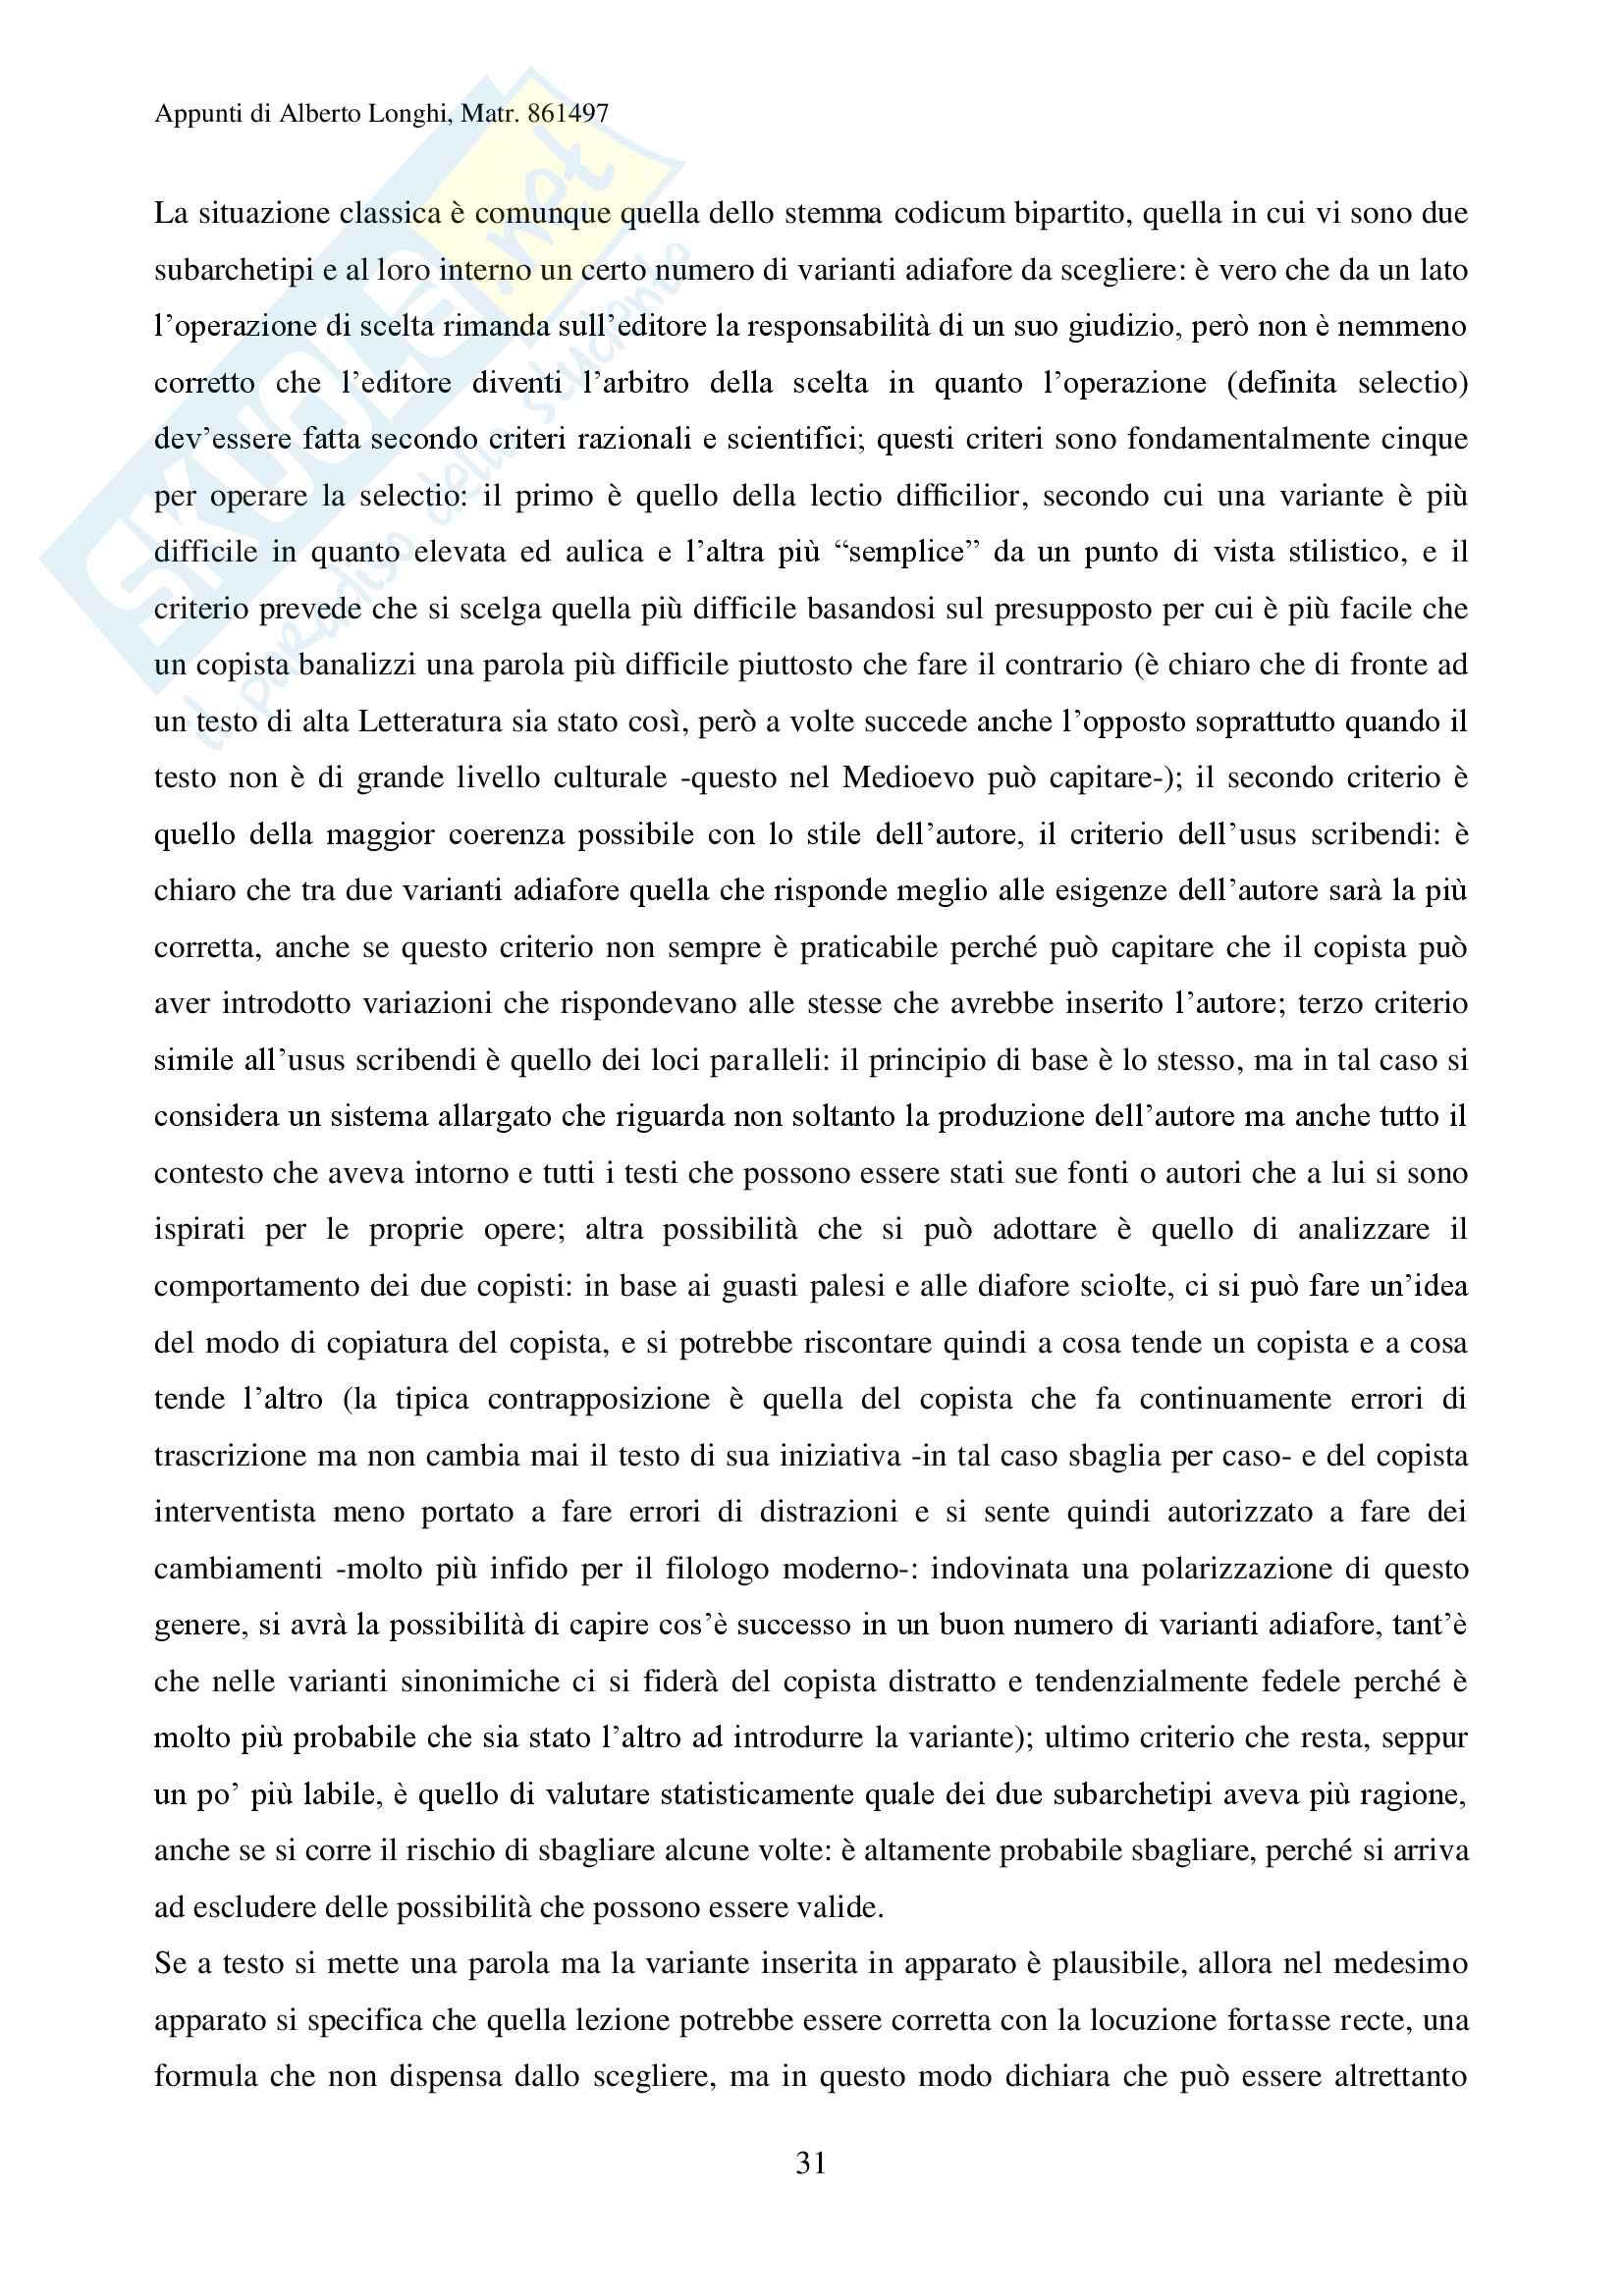 Filologia umanistica Pag. 31